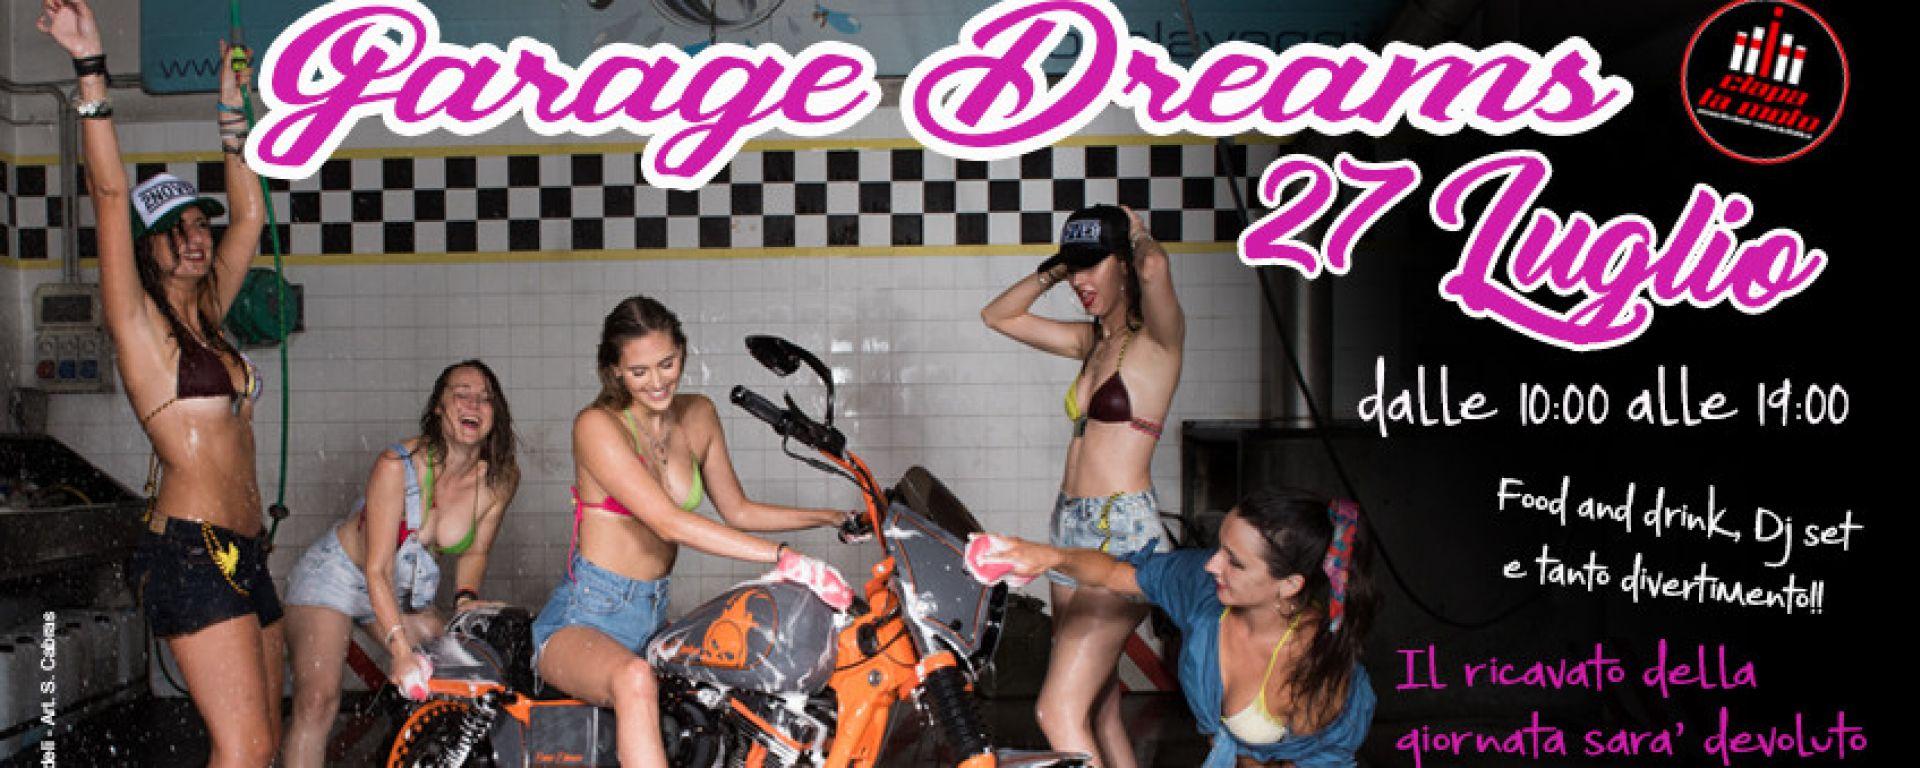 Ciapa la Moto Garage Dreams: la locandina dell'evento di sabato 27 luglio